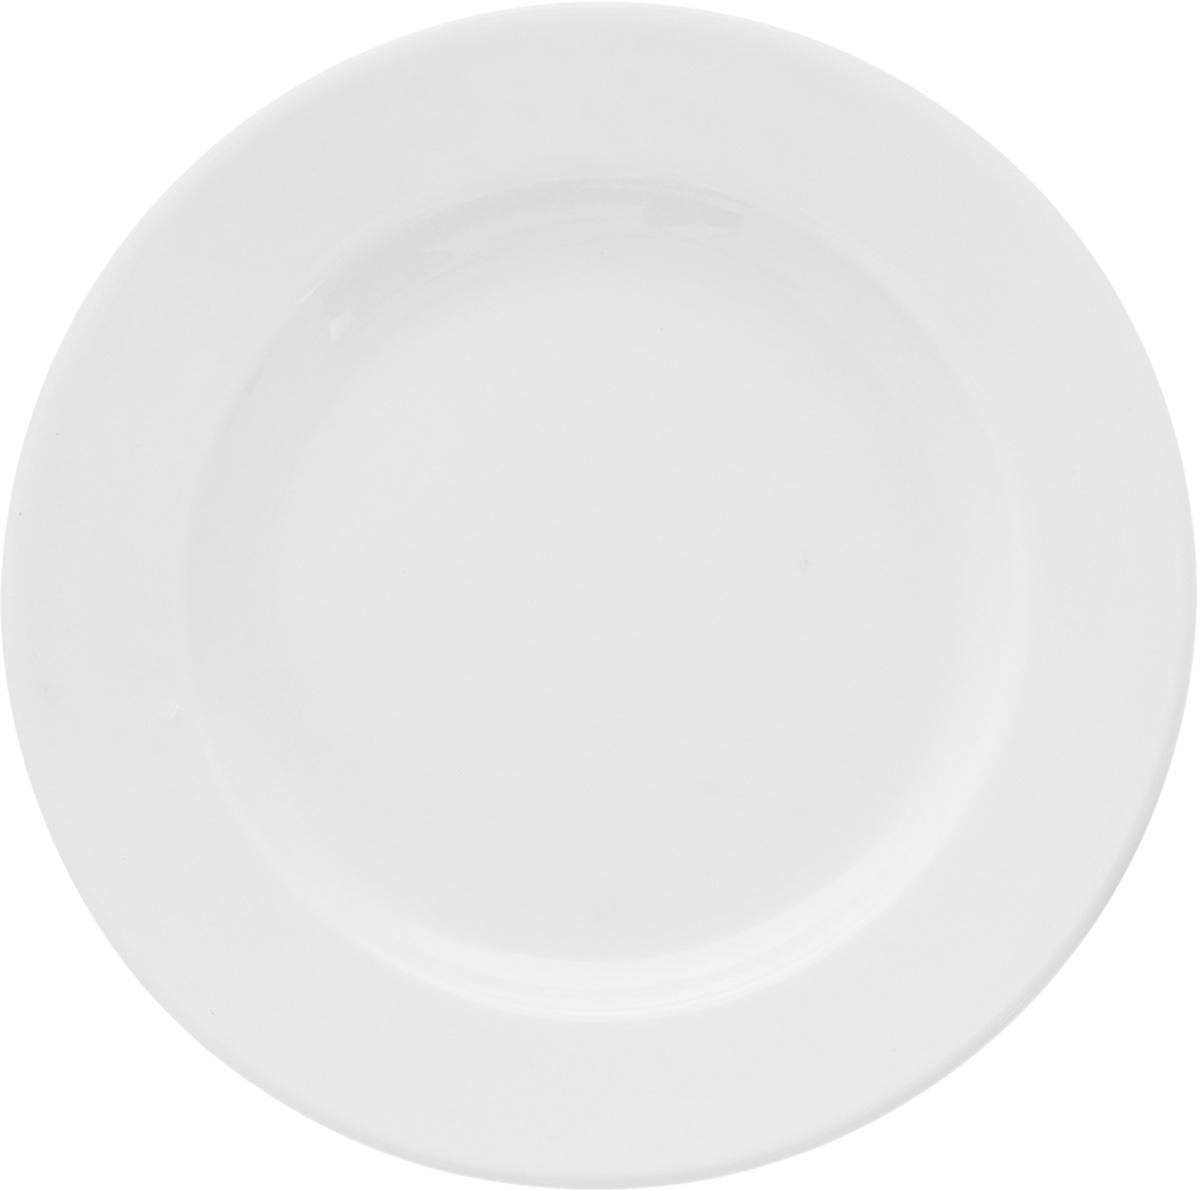 Тарелка мелкая Ariane Прайм, диаметр 14,5 смWL-996099 / AМелкая тарелка Ariane Прайм, изготовленная из высококачественного фарфора, имеет классическую круглую форму. Такая тарелка прекрасно подходит как для торжественных случаев, так и для повседневного использования. Идеальна для подачи десертов, пирожных, тортов и многого другого. Она прекрасно оформит стол и станет отличным дополнением к вашей коллекции кухонной посуды.Можно мыть в посудомоечной машине и использовать в микроволновой печи. Высота: 2 см.Диаметр тарелки: 14,5 см.